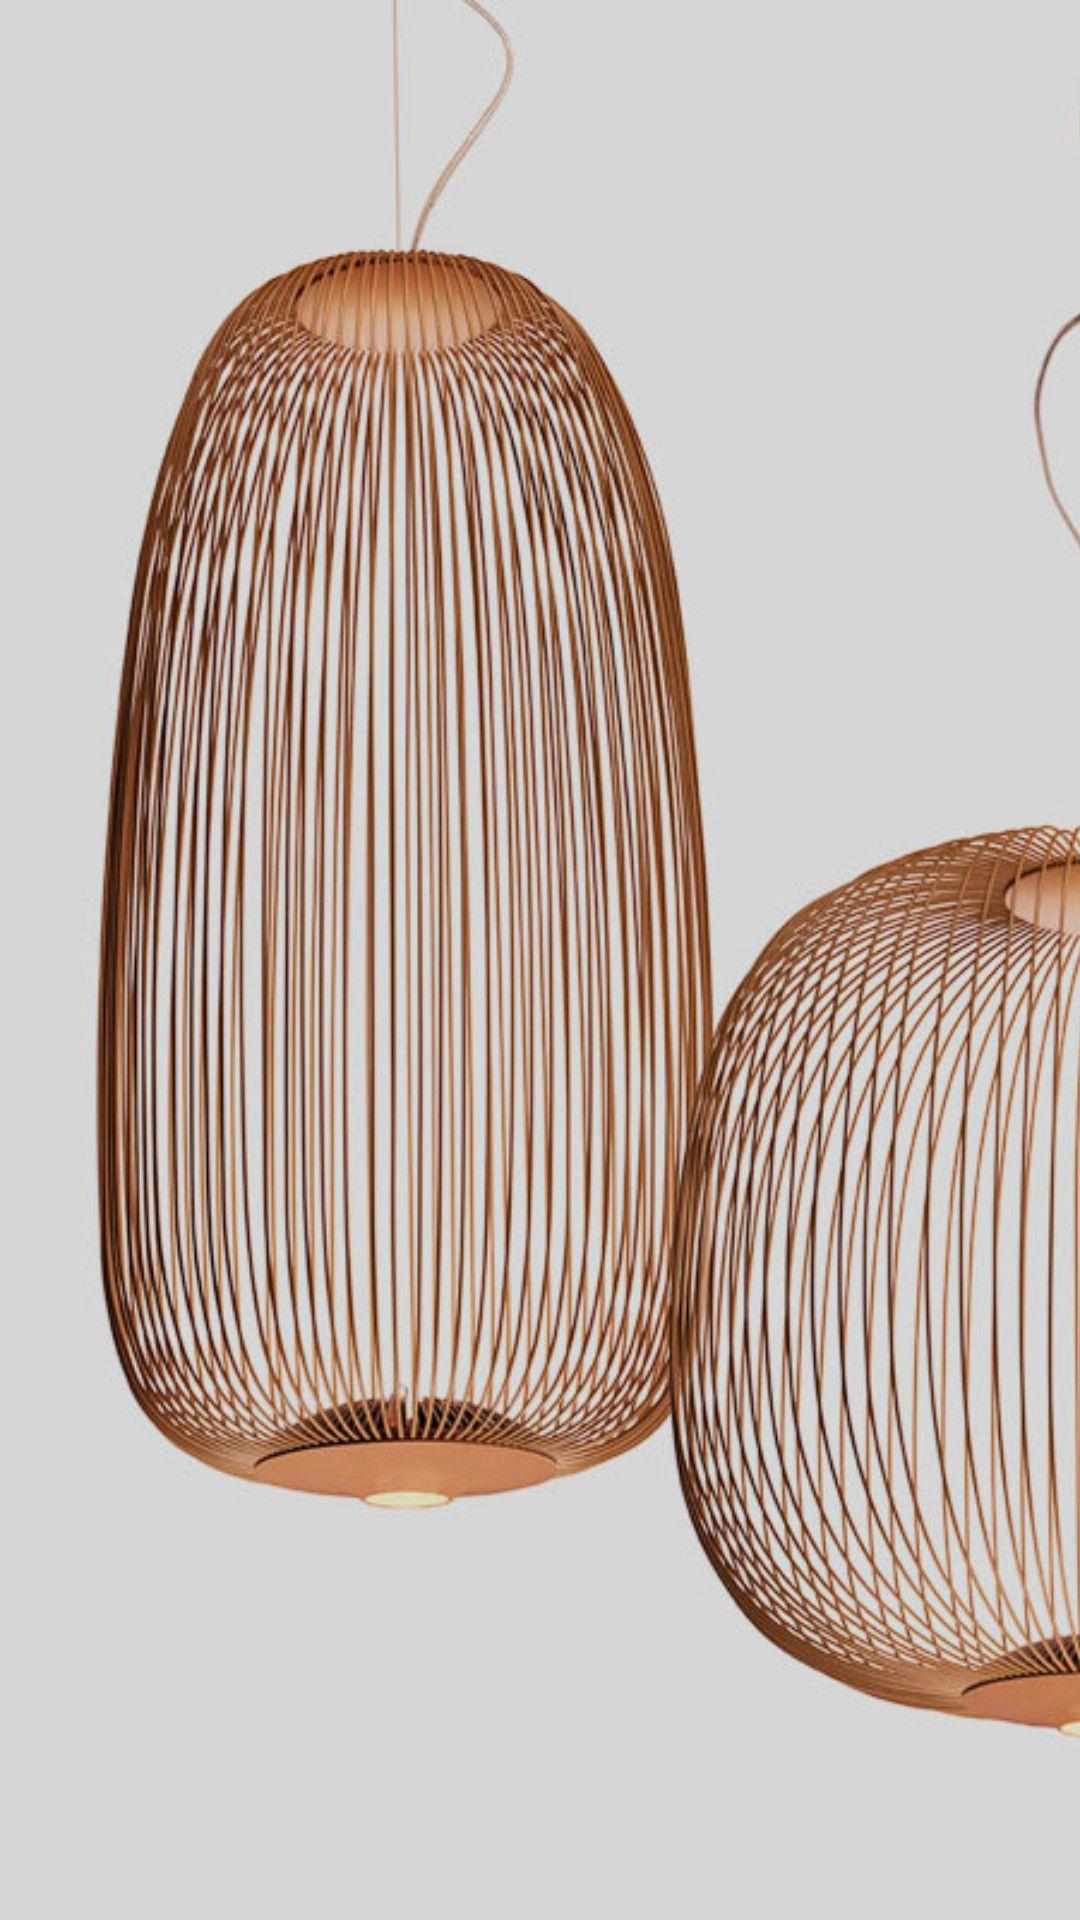 Foscarini Spokes 1 Mylight Led Pendelleuchte Mit Dimmer 2640071ml 80 Pendelleuchte Led Pendelleuchte Kreative Lampen